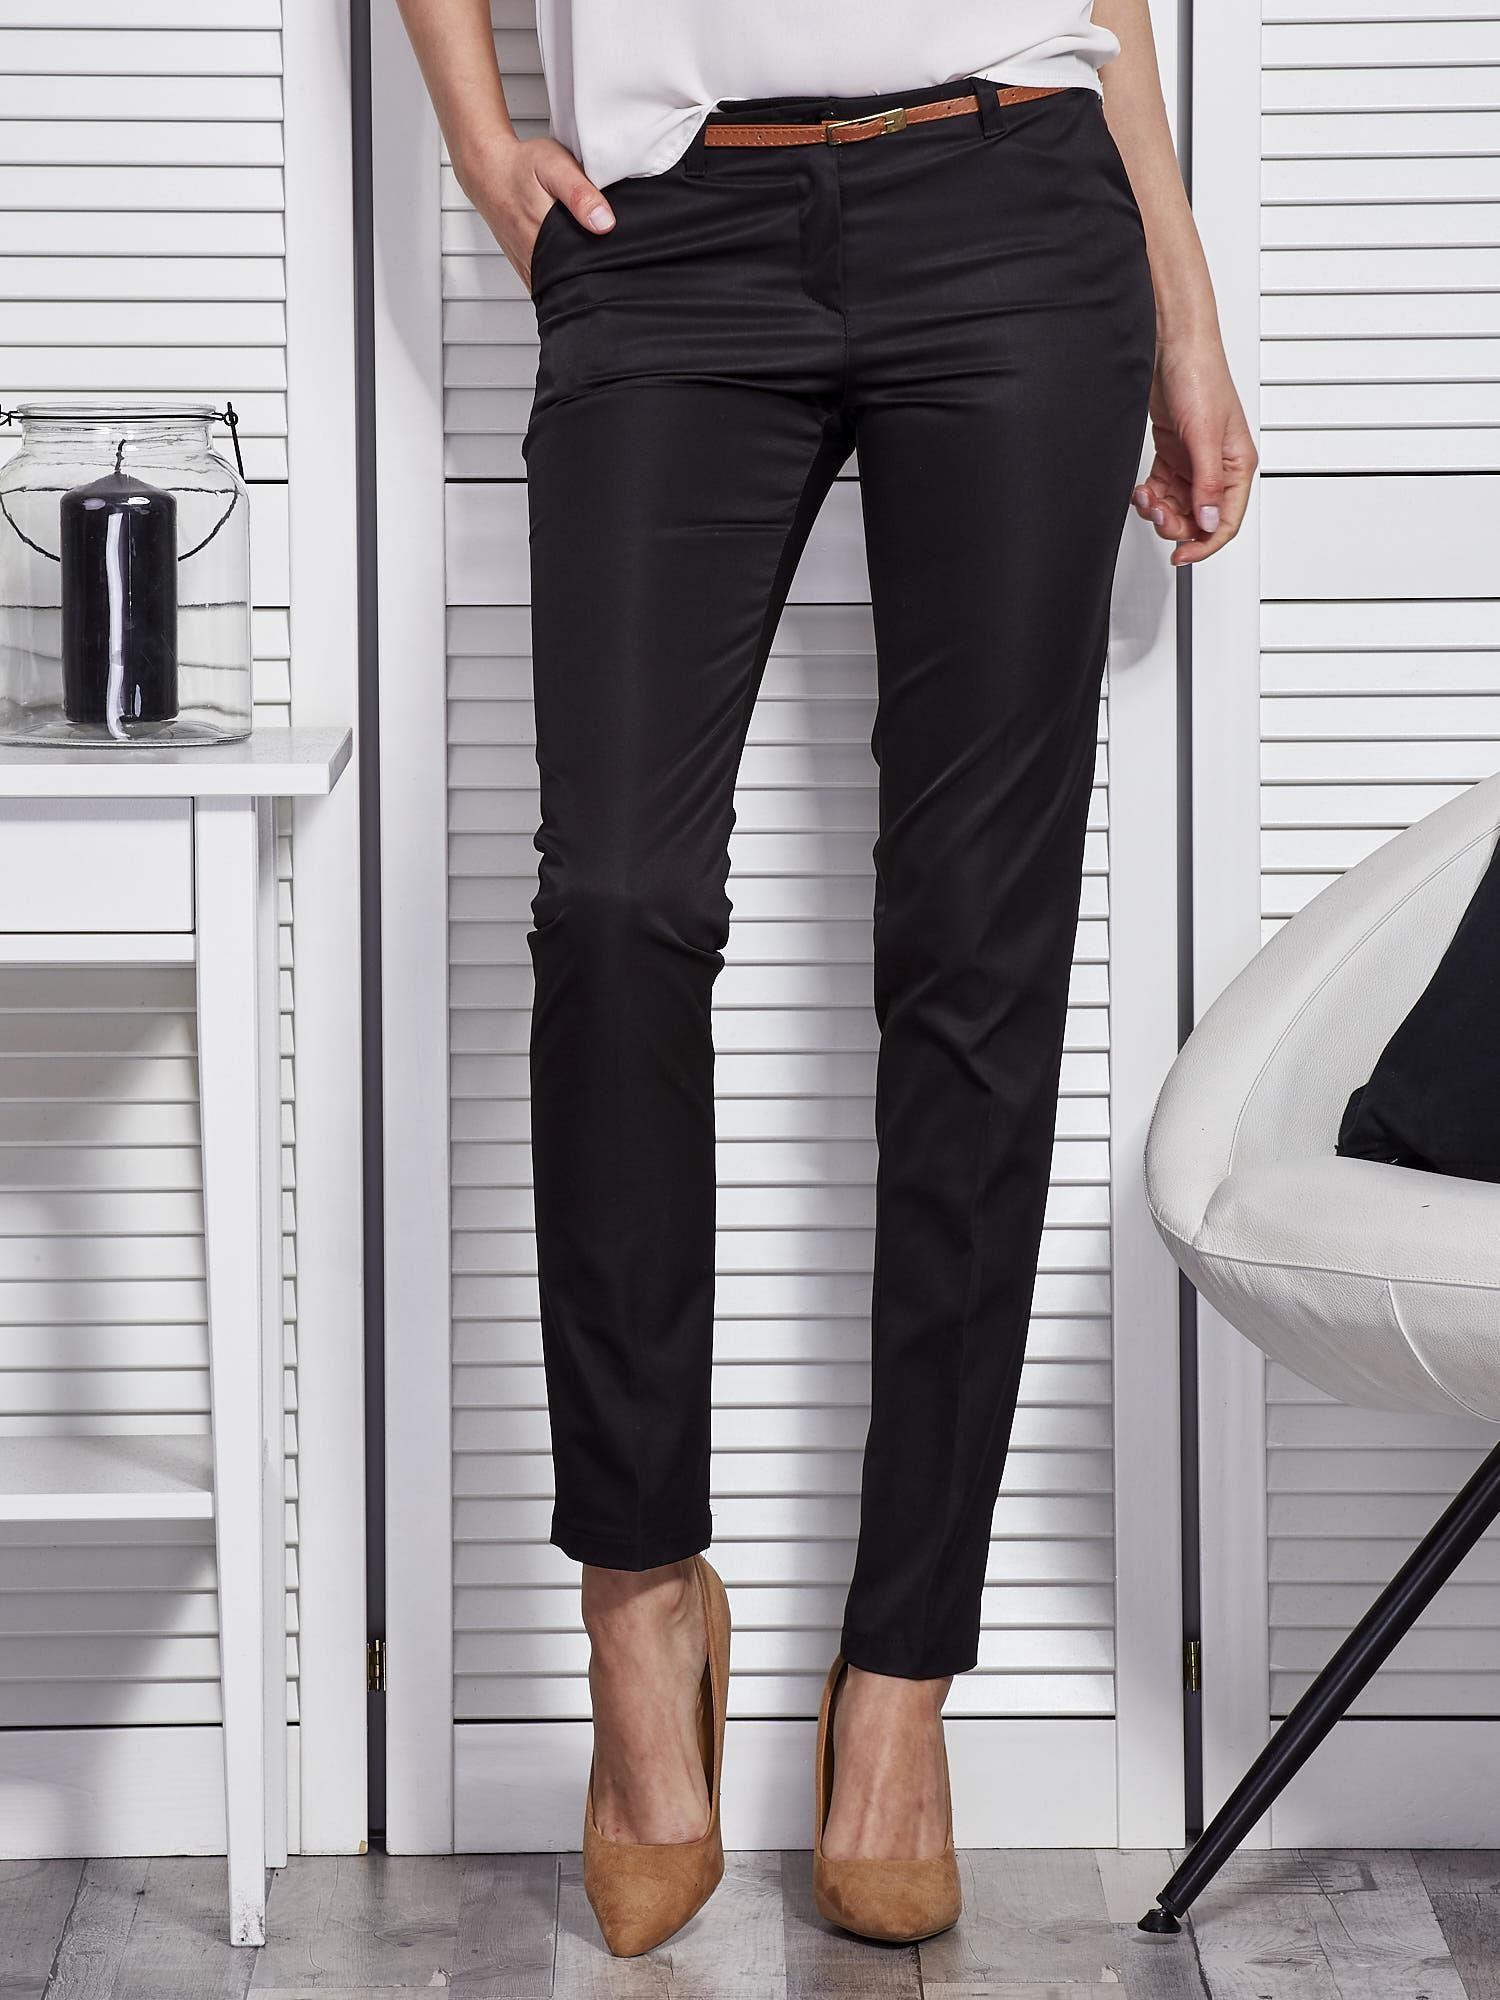 Spodnie damskie zawsze w modzie! Modne spodnie w modzie codziennej od lat zajęły miejsce spódnic. Dlaczego? Zapewniają nie tylko wygodę, ale i pełną swobodę ruchów. Dostępne w wielu różnorodnych stylach i wykonane z różnych materiałów są istotnym elementem damskiego ubioru.